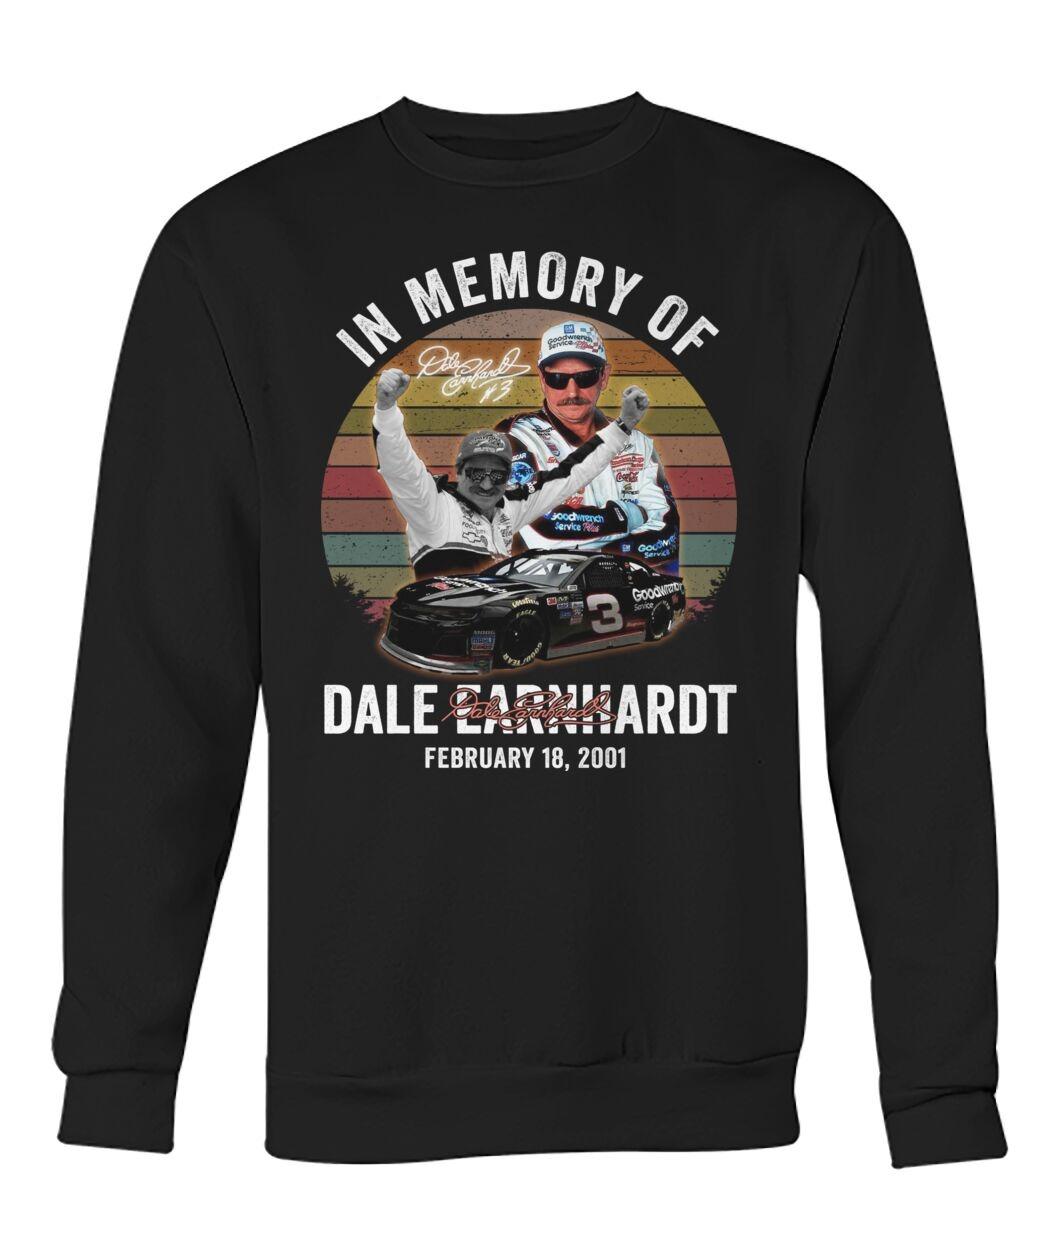 In Memory Of Dale Earnhardt February 18 2001 Sweatshit